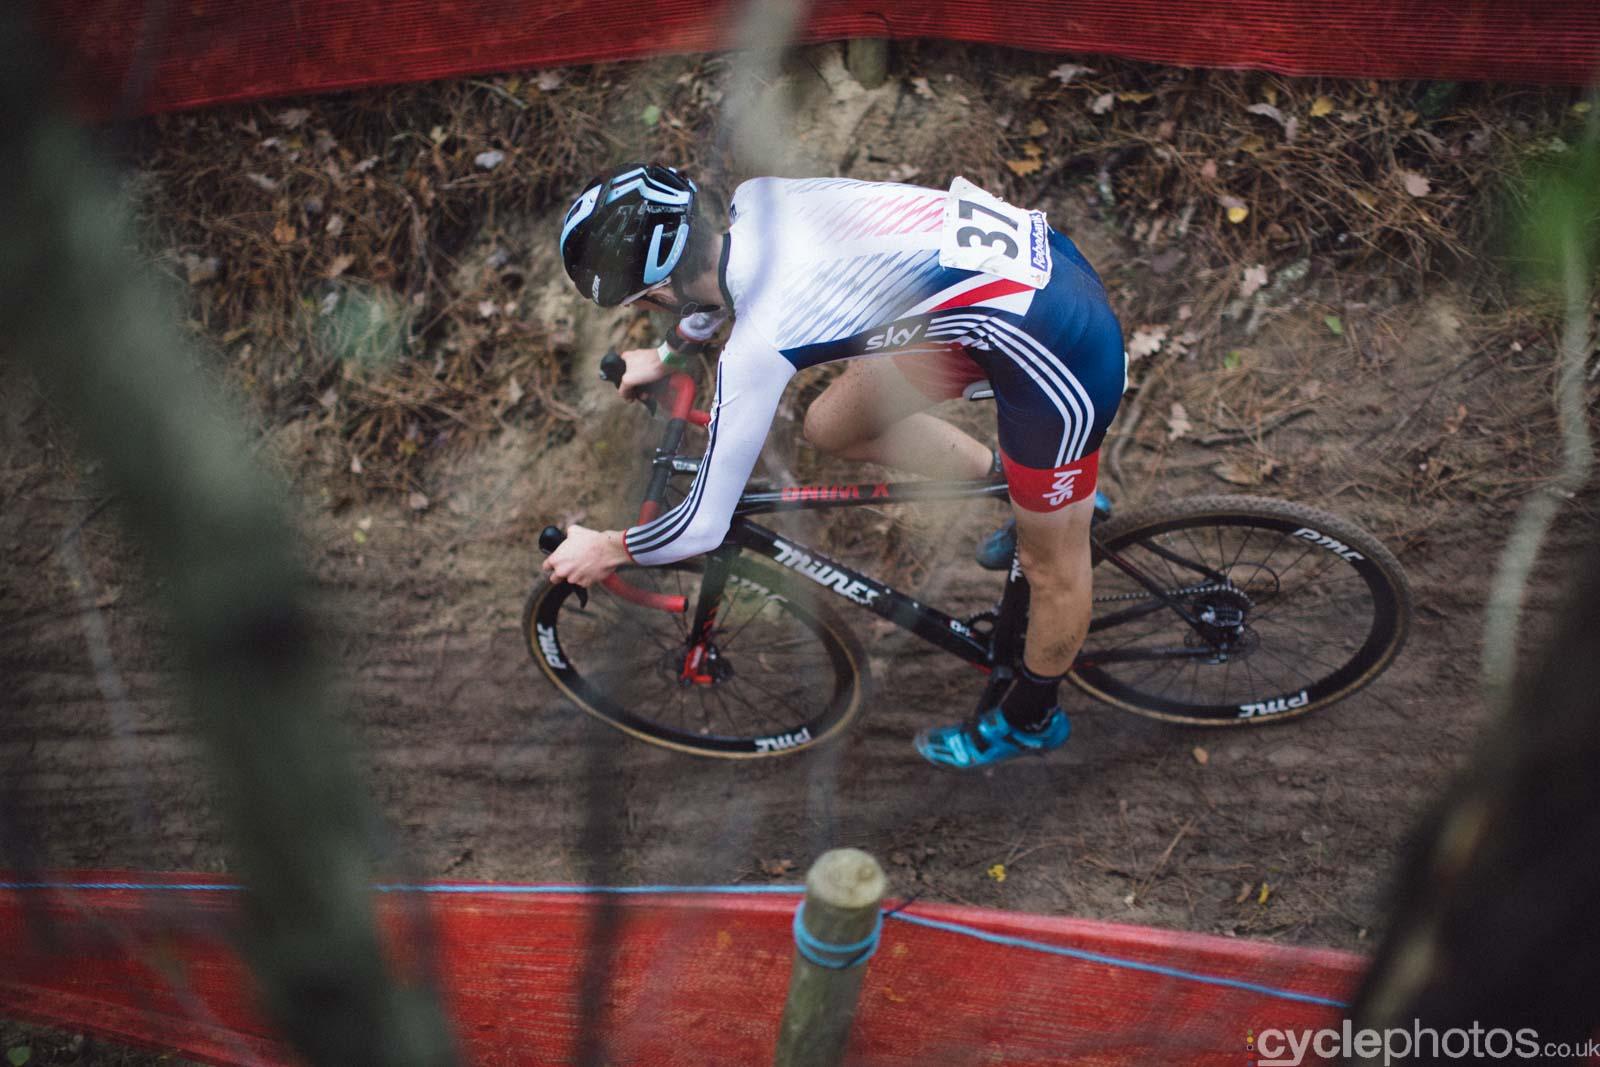 2015-cyclephotos-cyclocross-eucx-huijbergen-103506-ben-turner